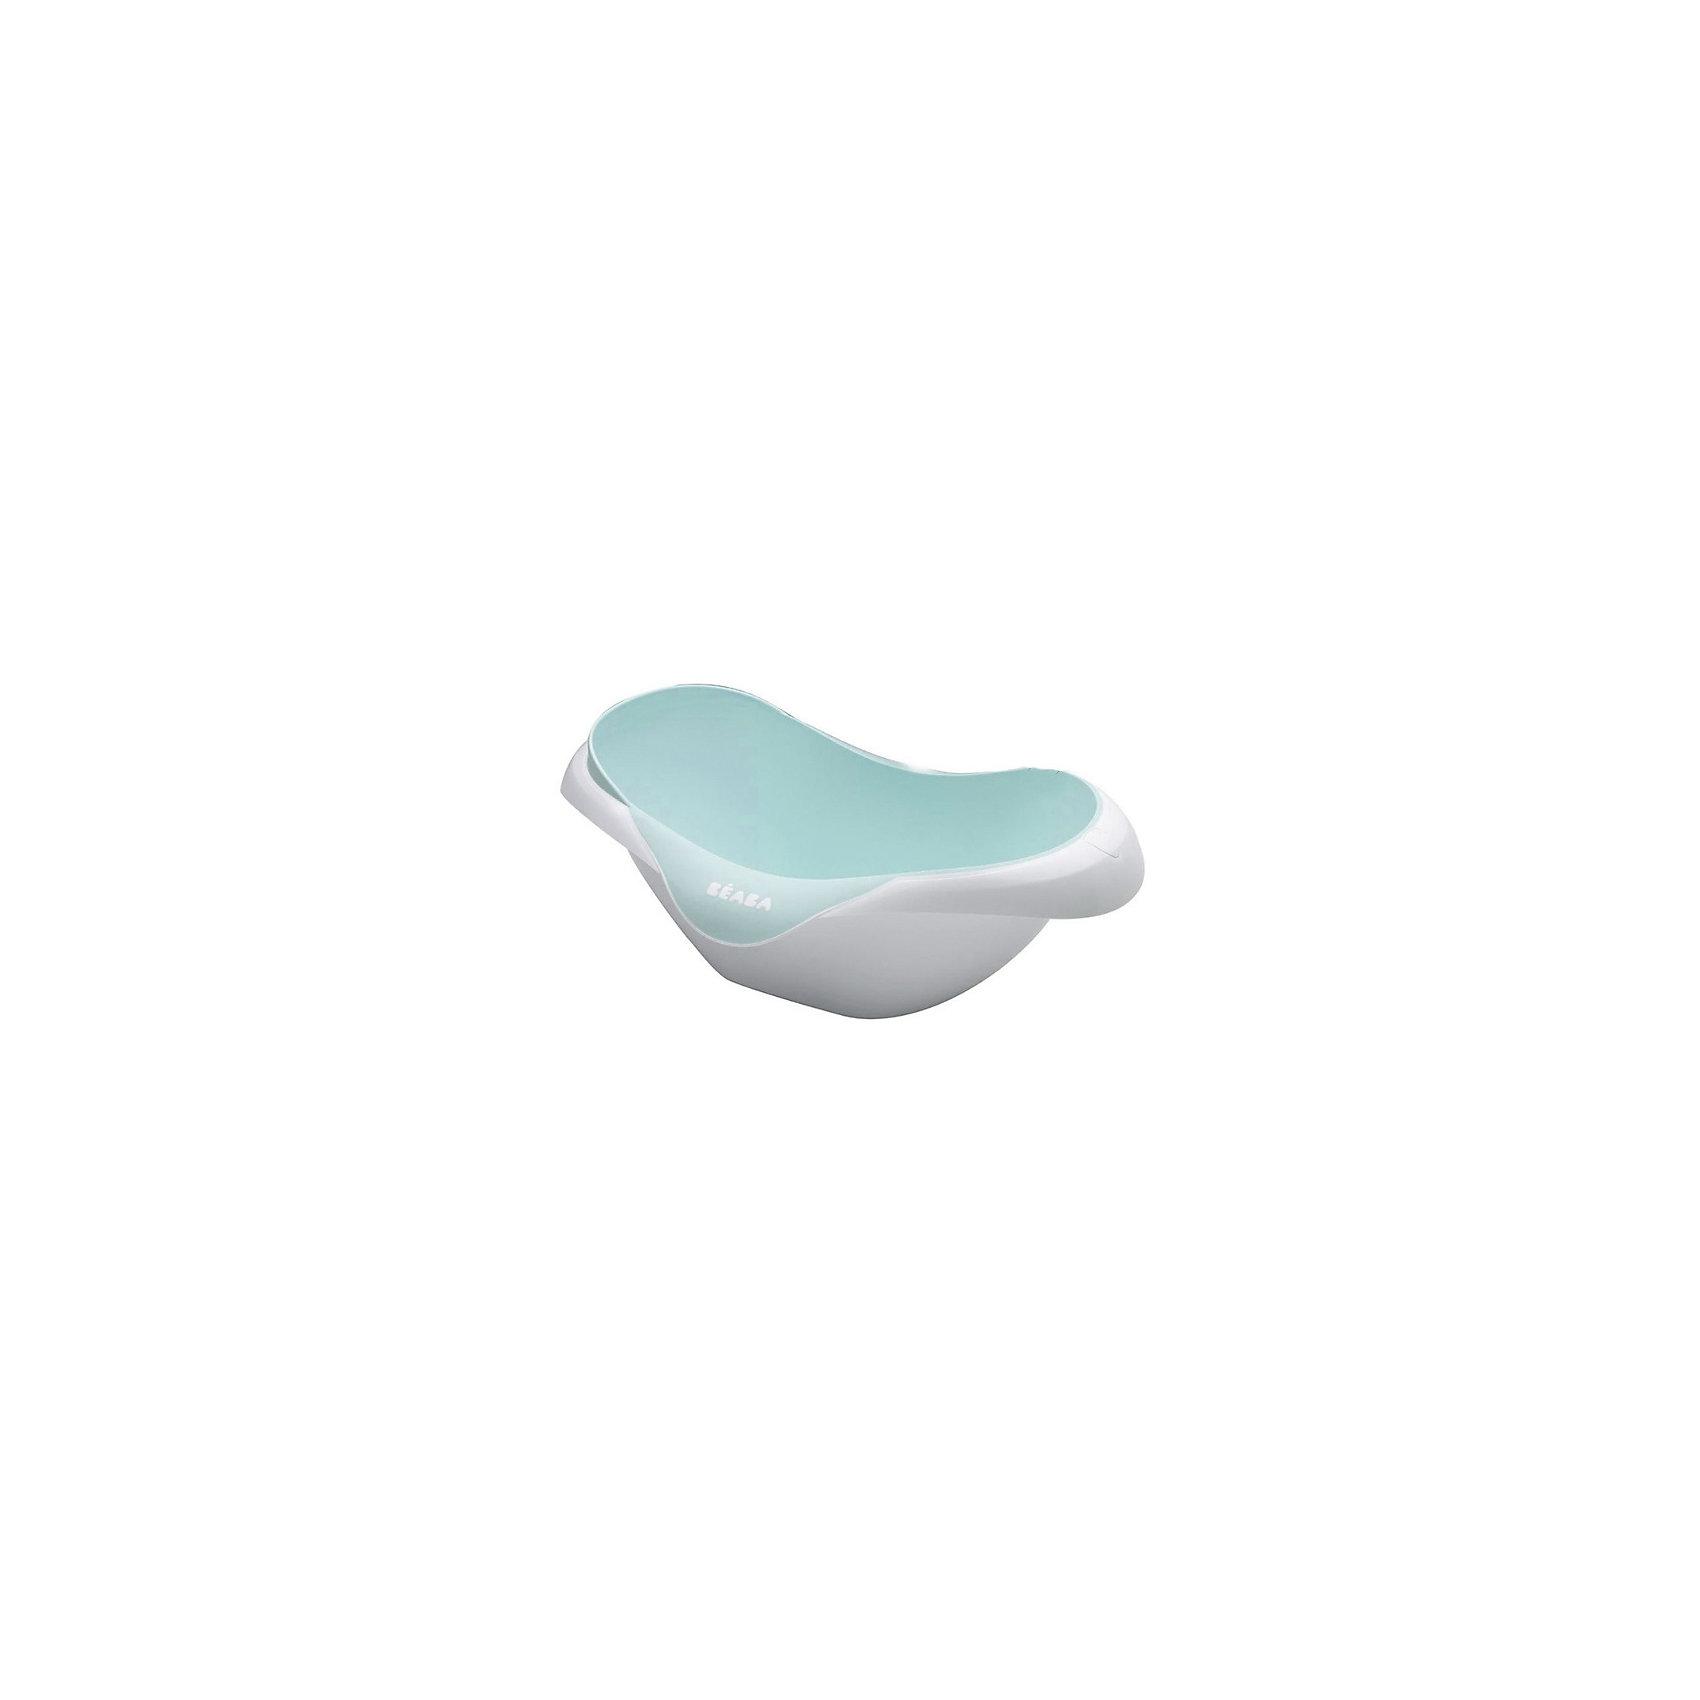 Детская ванночка Cameleo Beaba, синийДетская ванночка Cameleo, Beaba, сделает процесс купания Вашего малыша удобным и безопасным, доставит ему много радости и удовольствия. Ванночка приятной нежной расцветки изготовлена из безопасных для детей материалов и имеет обтекаемые гладкие формы. На дне имеется вкладка из нескользящего материала, которая обеспечивают комфорт и безопасность малыша. Удобно переносить благодаря краям специальной формы. Ванночку можно поместить непосредственно во взрослую ванну или установить на специальную базу с ножками (приобретается отдельно). Оснащена креплением для насадки душа и отверстием для слива воды.<br><br>Дополнительная информация:<br><br>- Цвет: синий.<br>- Материал: высококачественный пластик. <br>- Возраст: с 0 мес.<br>- Размеры: 55 x 83 x 30 см.<br>- Вес: 2,7 кг.<br><br>Детскую ванночку Cameleo Beaba, синий, можно купить в нашем интернет-магазине.<br><br>Ширина мм: 750<br>Глубина мм: 450<br>Высота мм: 300<br>Вес г: 3180<br>Возраст от месяцев: 0<br>Возраст до месяцев: 6<br>Пол: Мужской<br>Возраст: Детский<br>SKU: 4389037